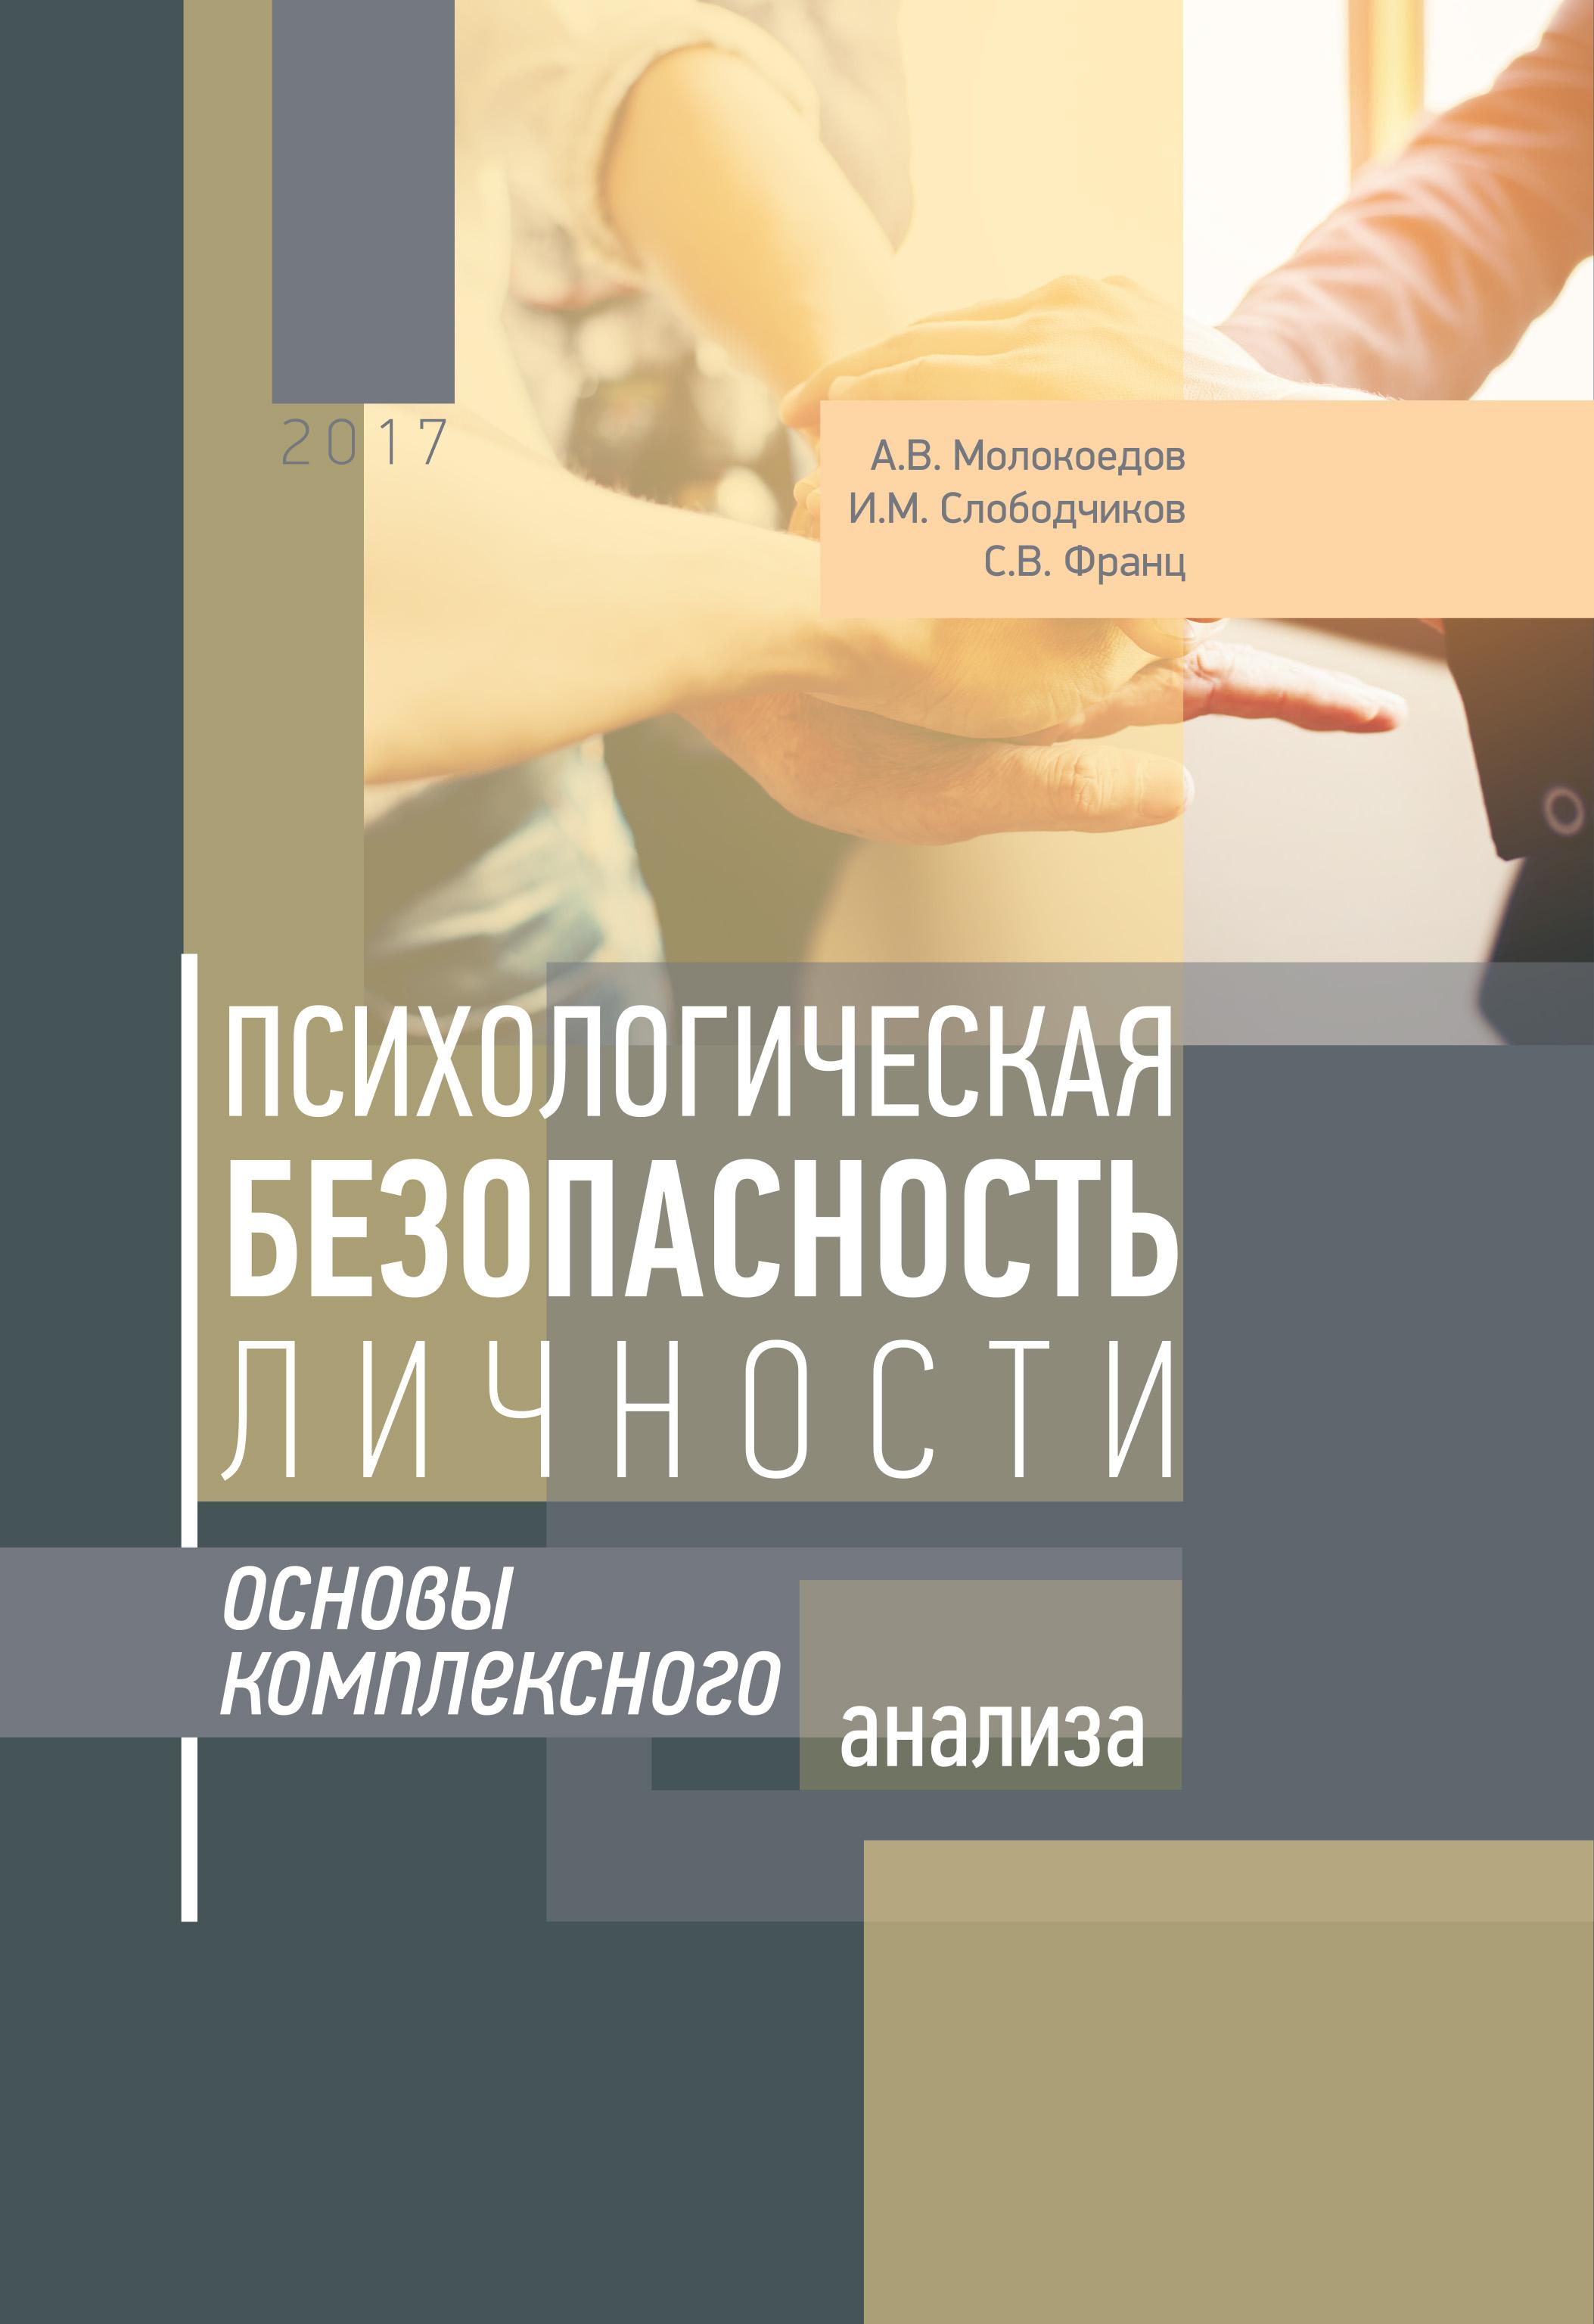 Фото - Андрей Молокоедов Психологическая безопасность личности. Основы комплексного анализа иеромонах мефодий зинковский святоотеческие категории и богословие личности